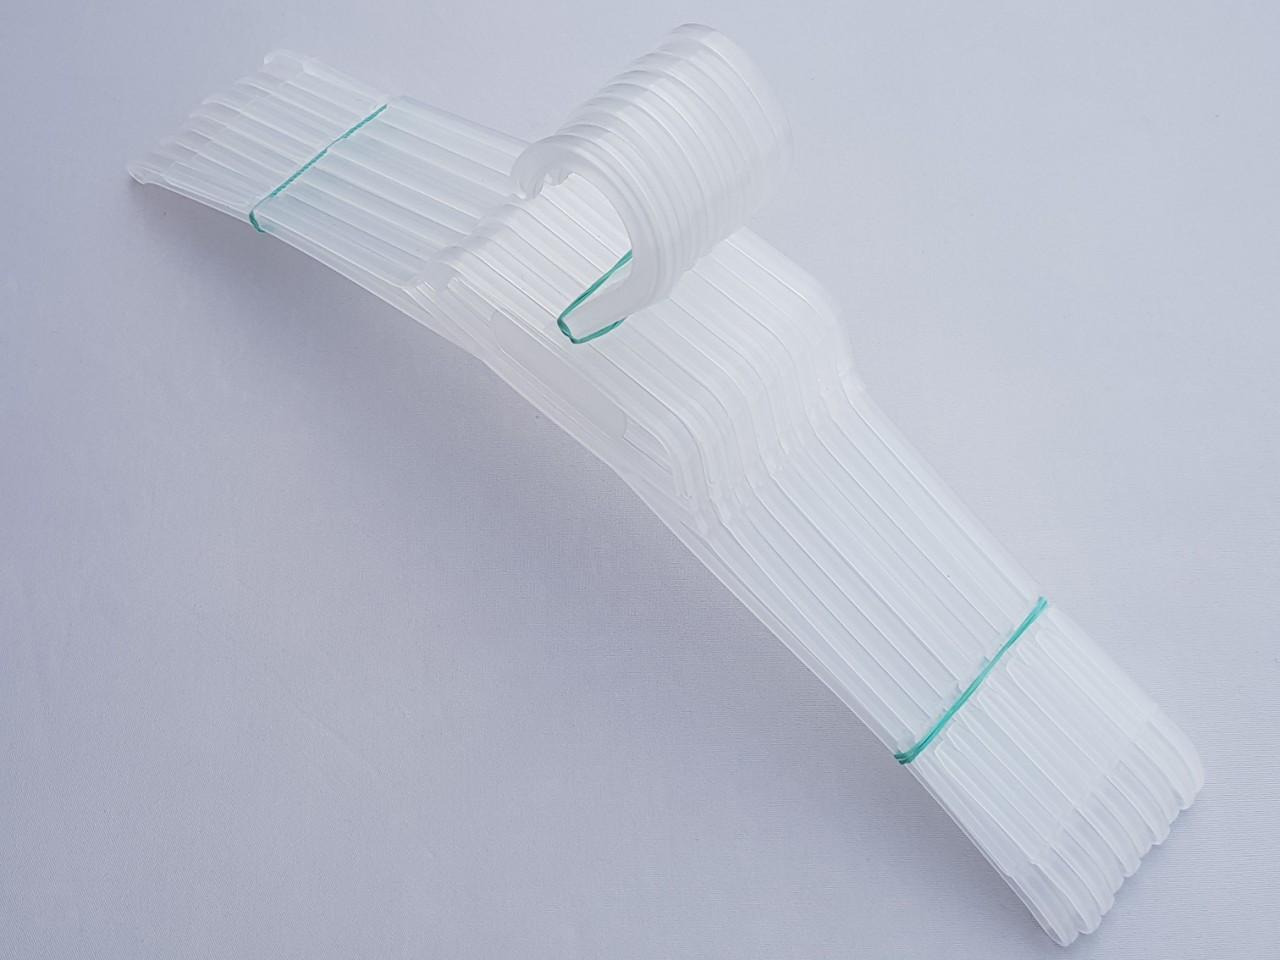 Длина 40,5 см. Плечики вешалки пластмассовые V-V42 цвет матовый, 10 штук в упаковке